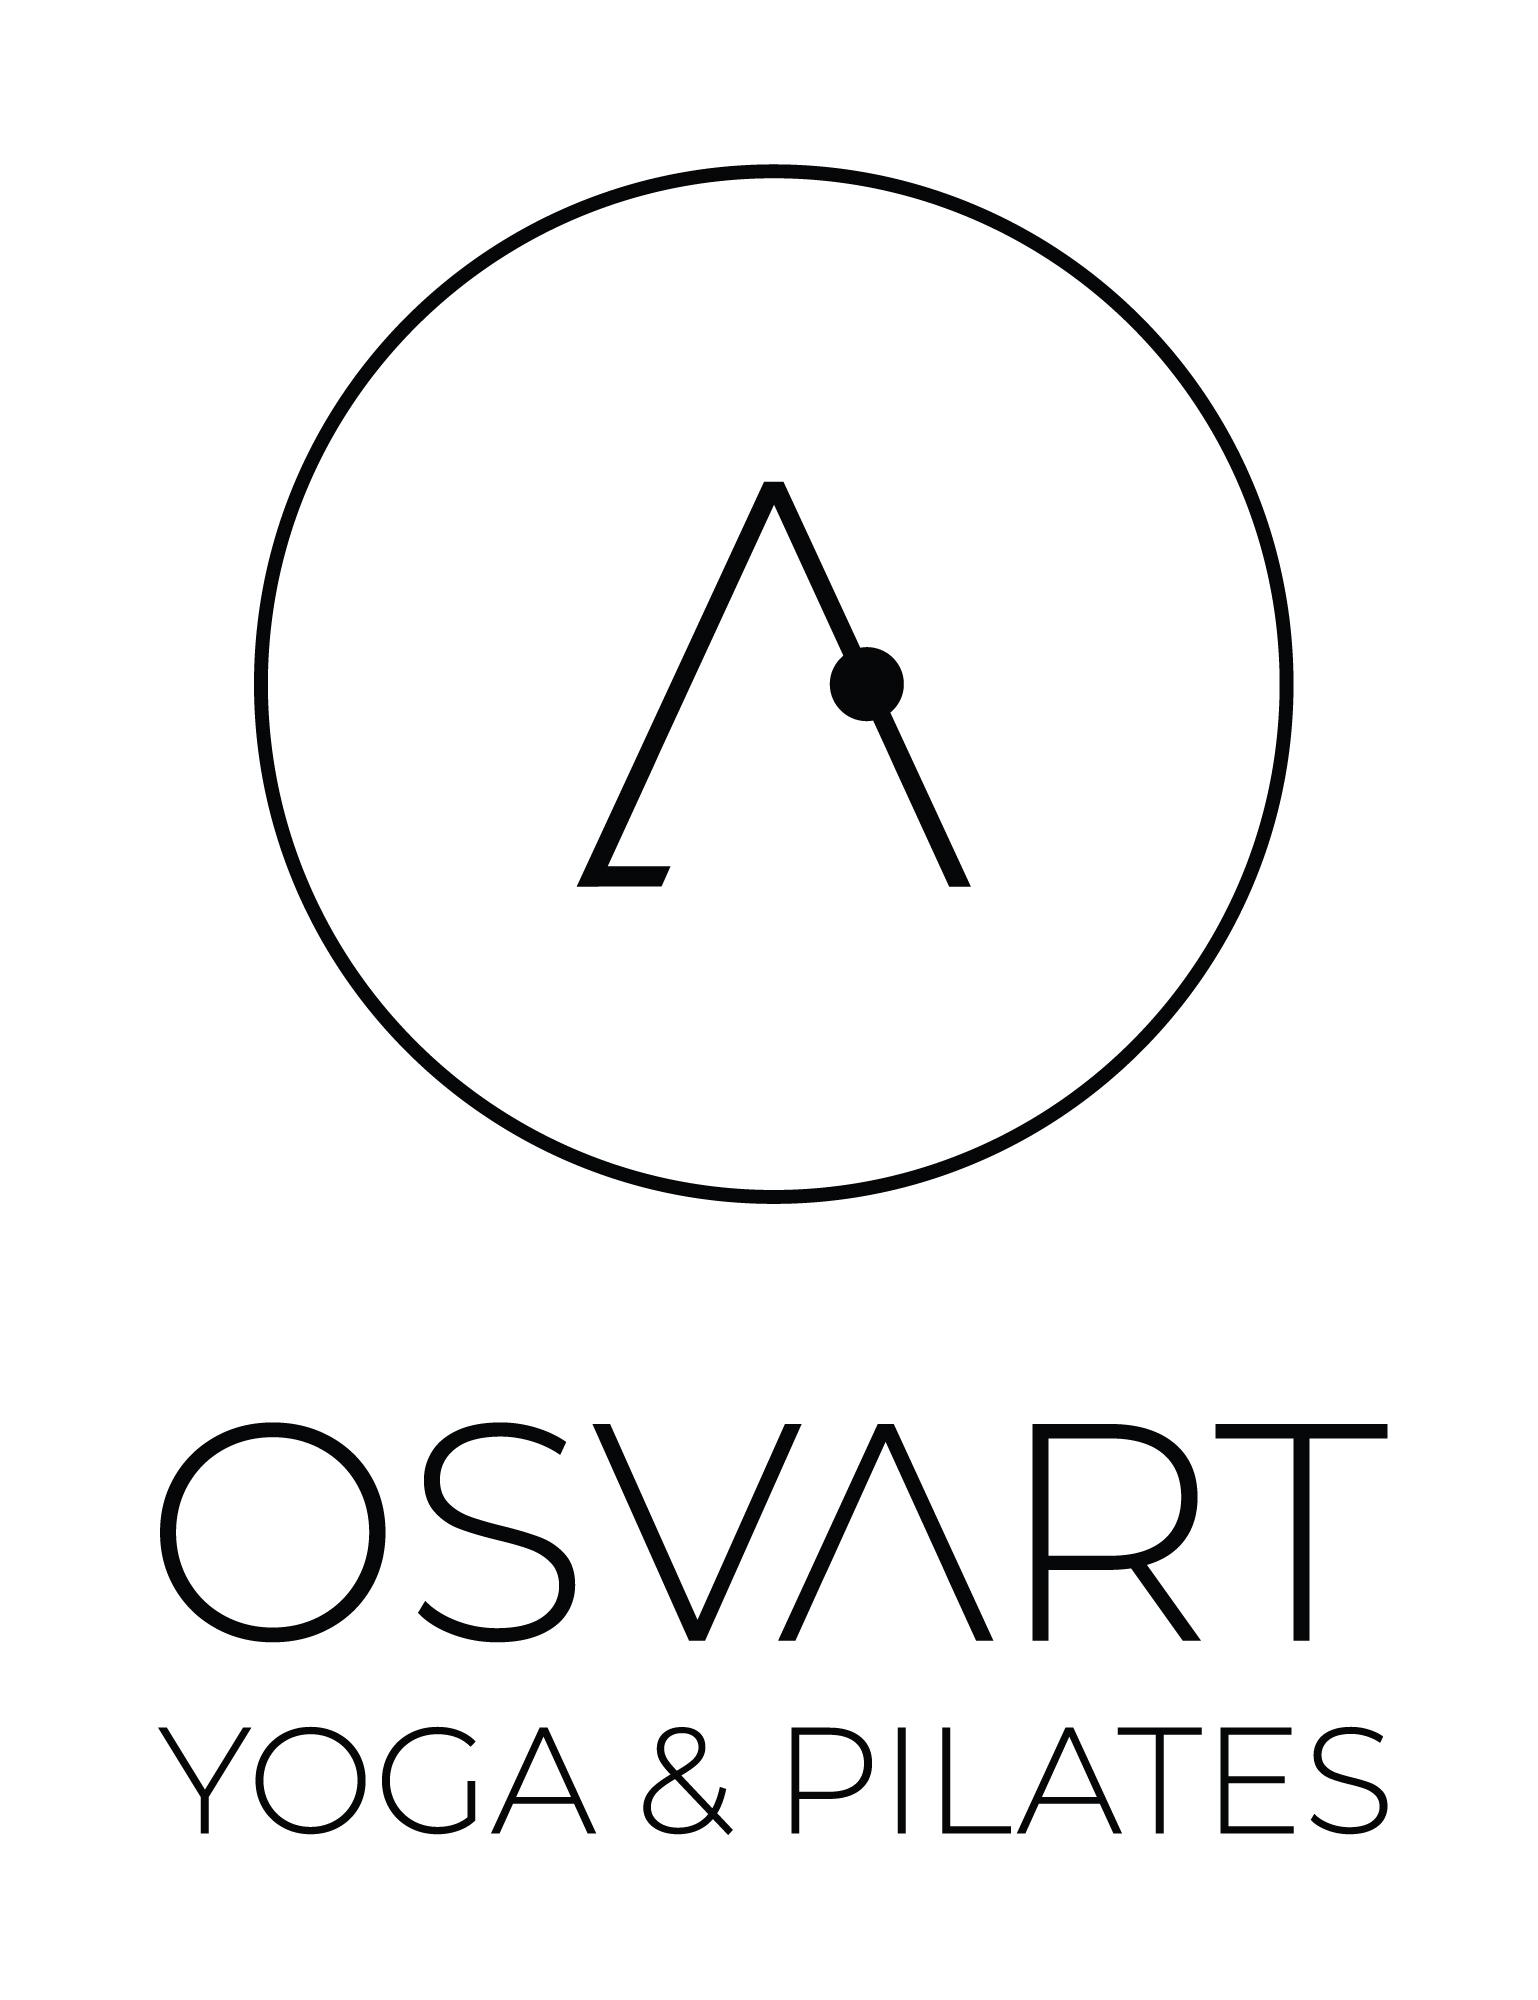 Osvart Yoga